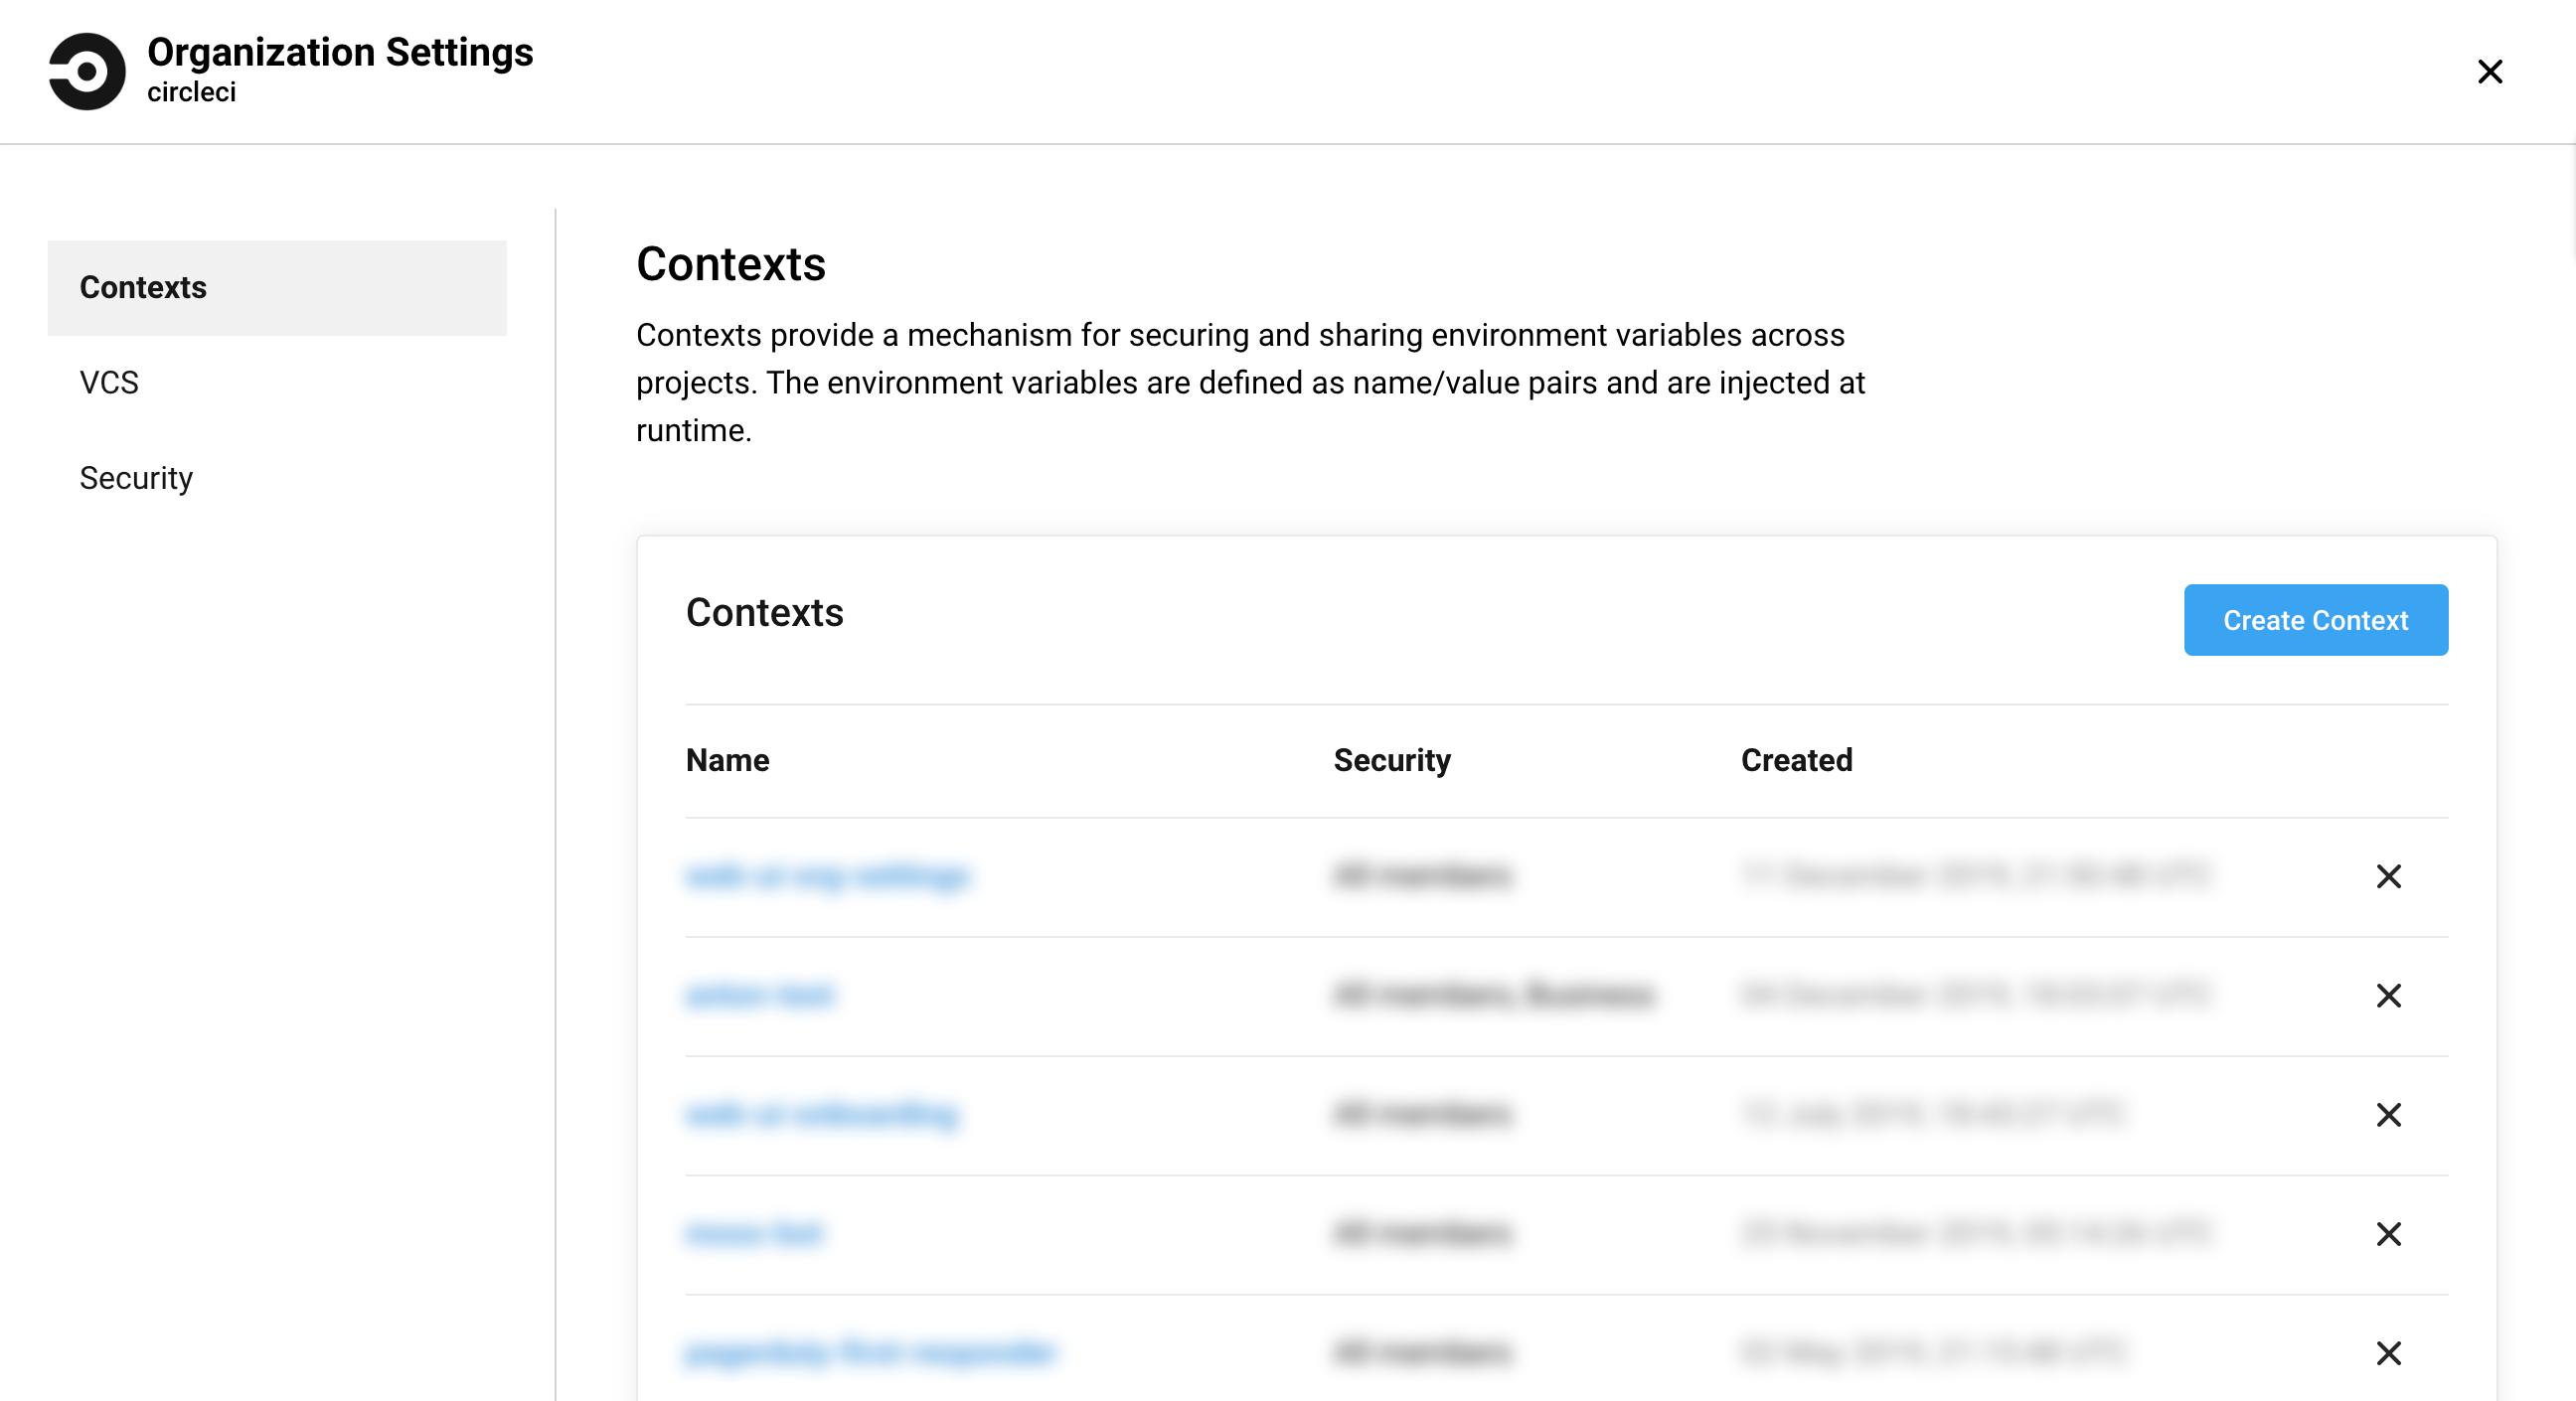 org-settings-contexts-v2.png